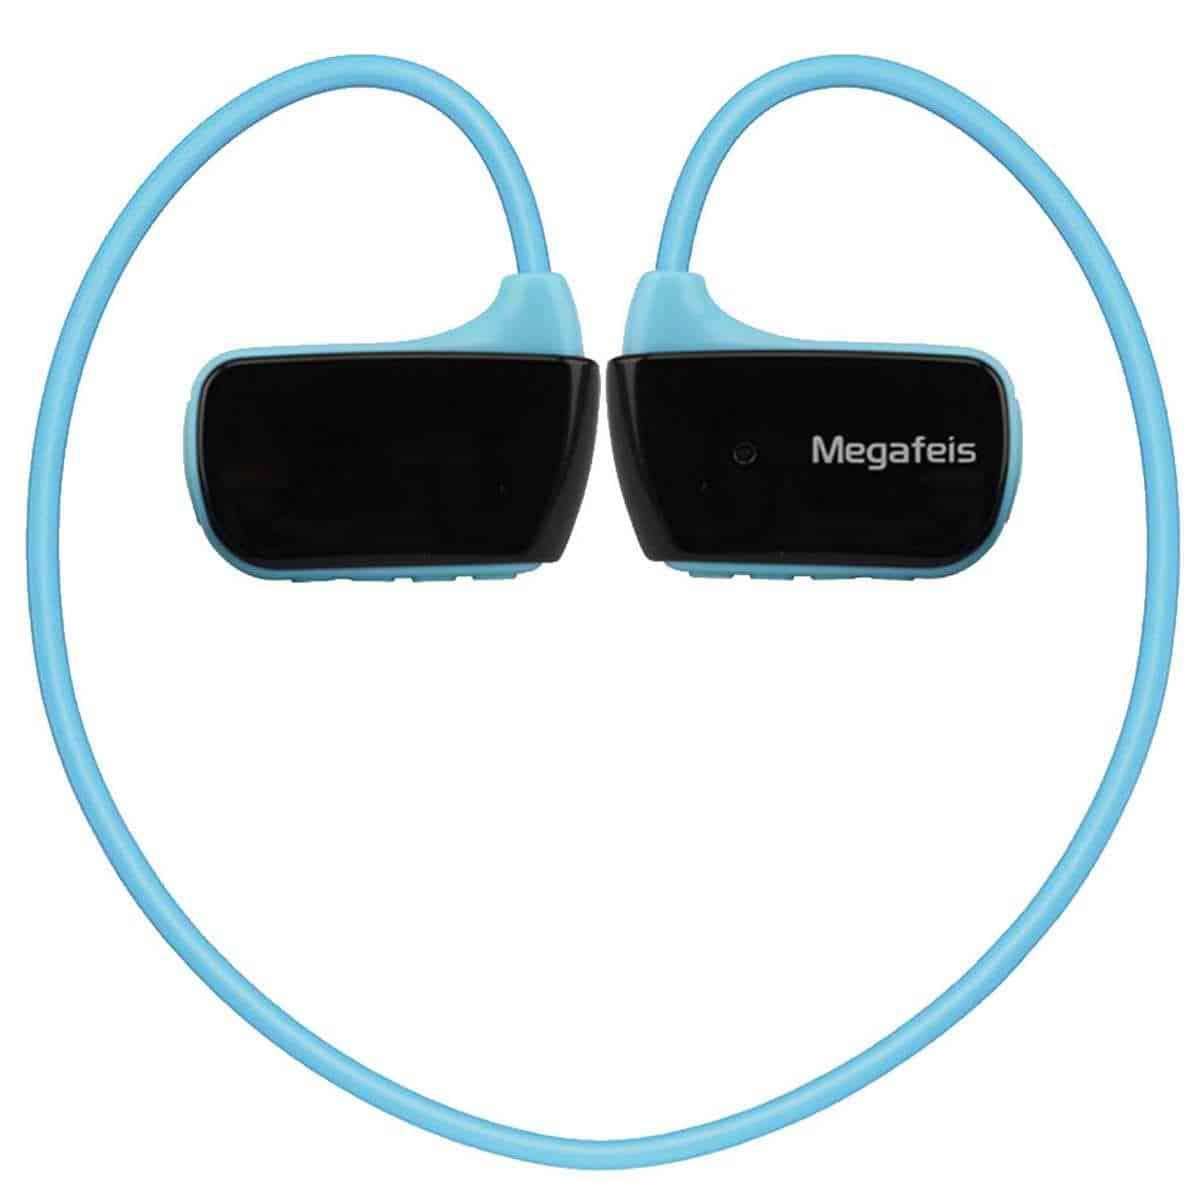 Megafeis E350 16GB Waterproof